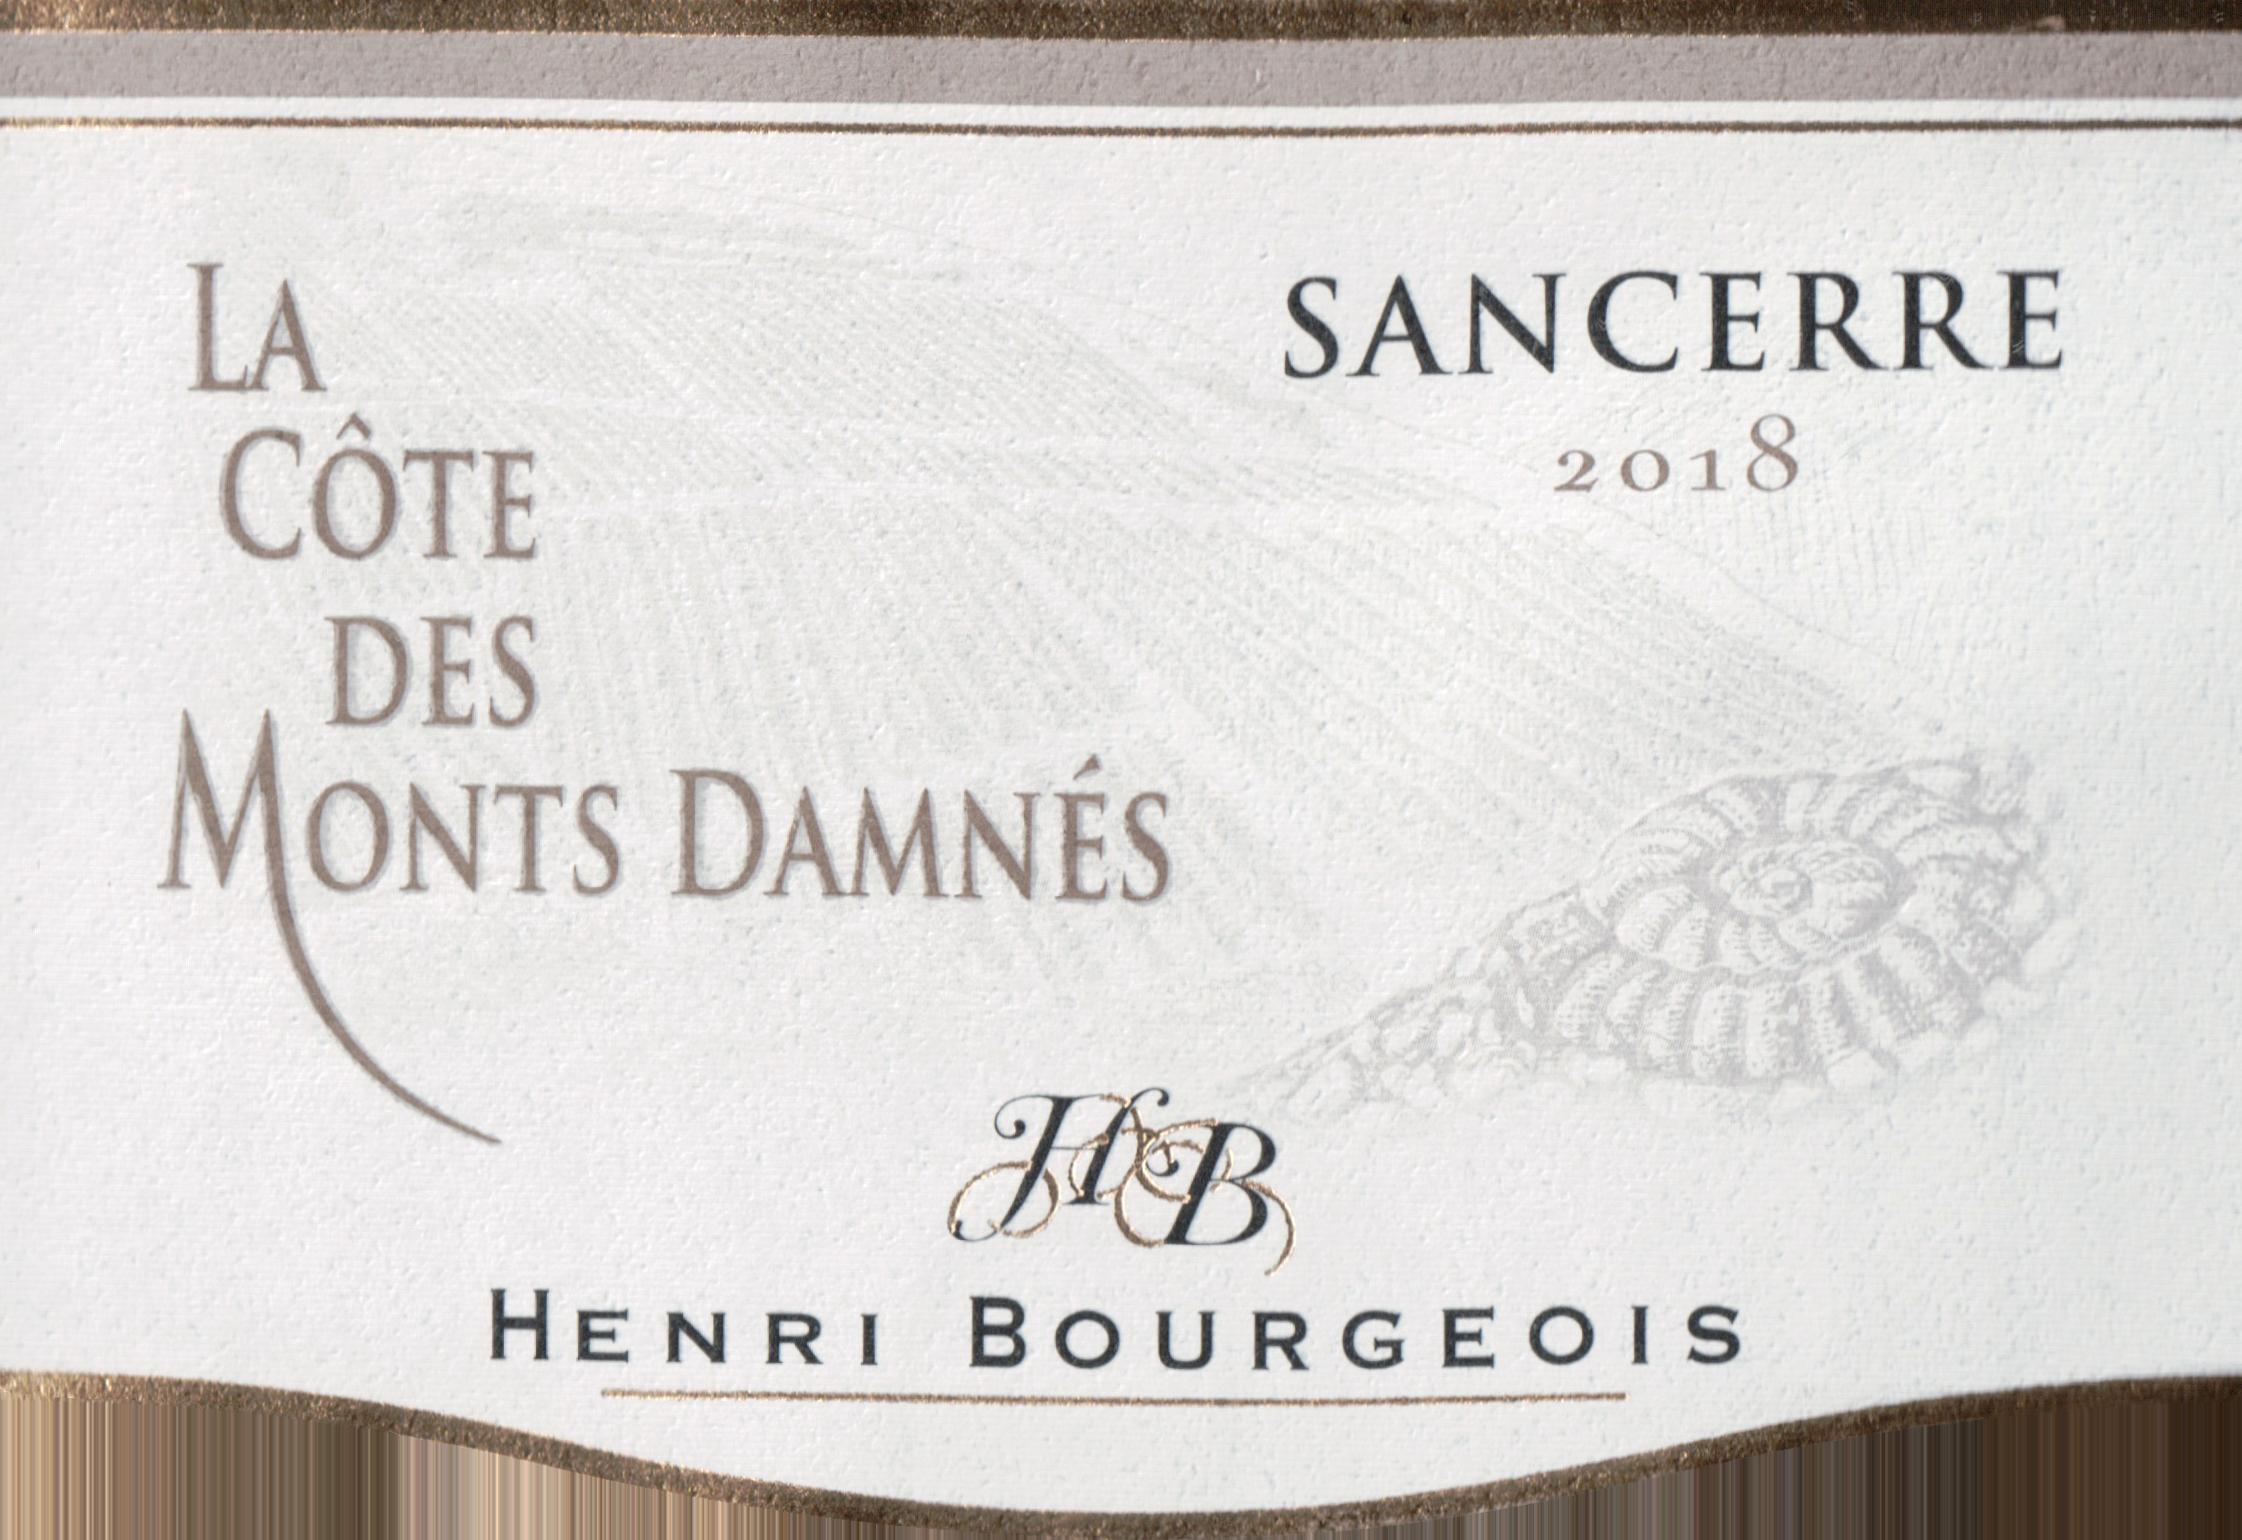 Henri Bourgeois La Cote Des Monts Damnes Sancerre 2018